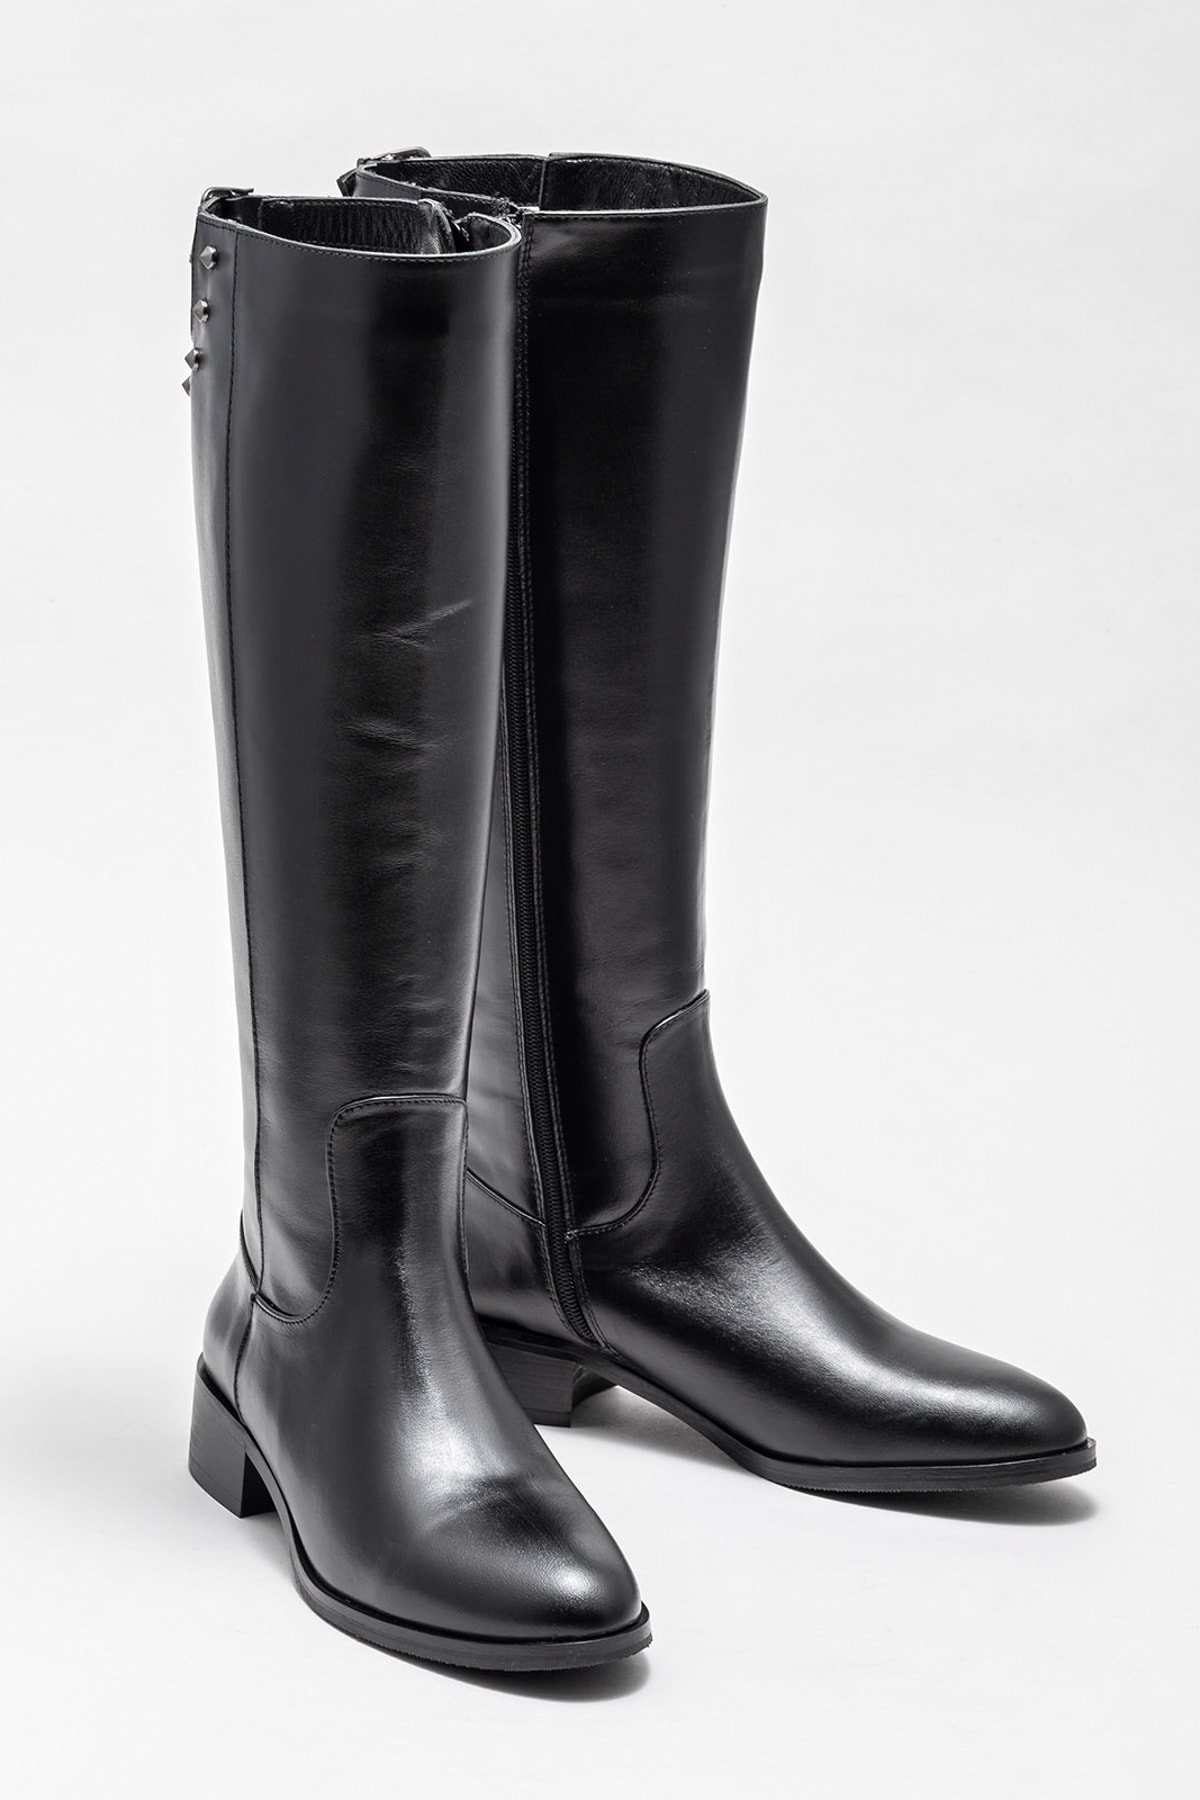 Elle Shoes Kadın Branca Sıyah Çizme 20K007 2